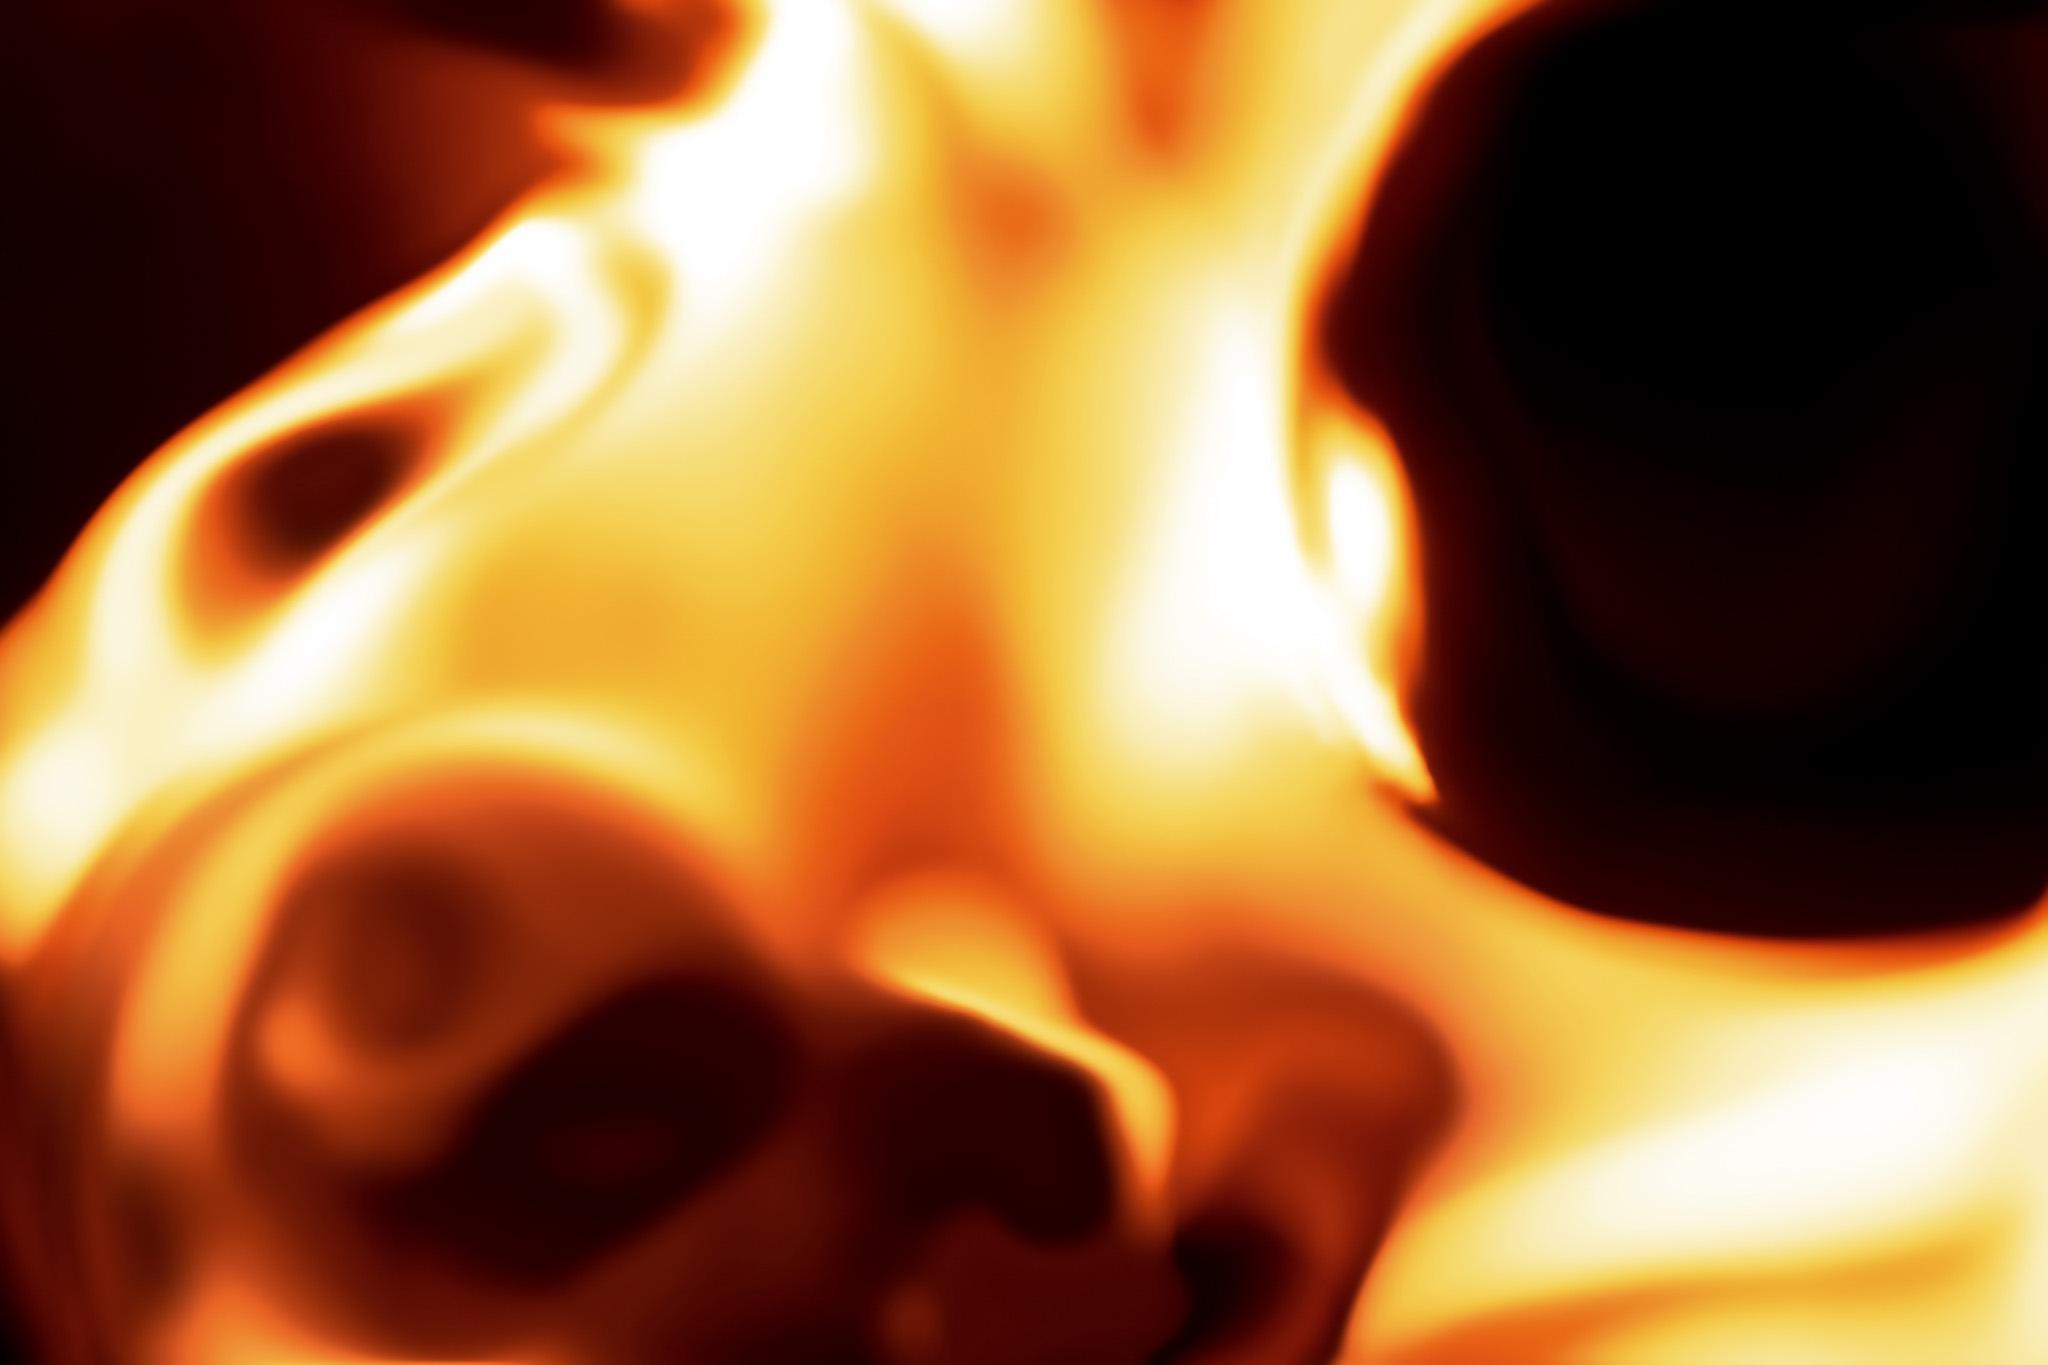 「黒い背景と炎」の背景を無料ダウンロード